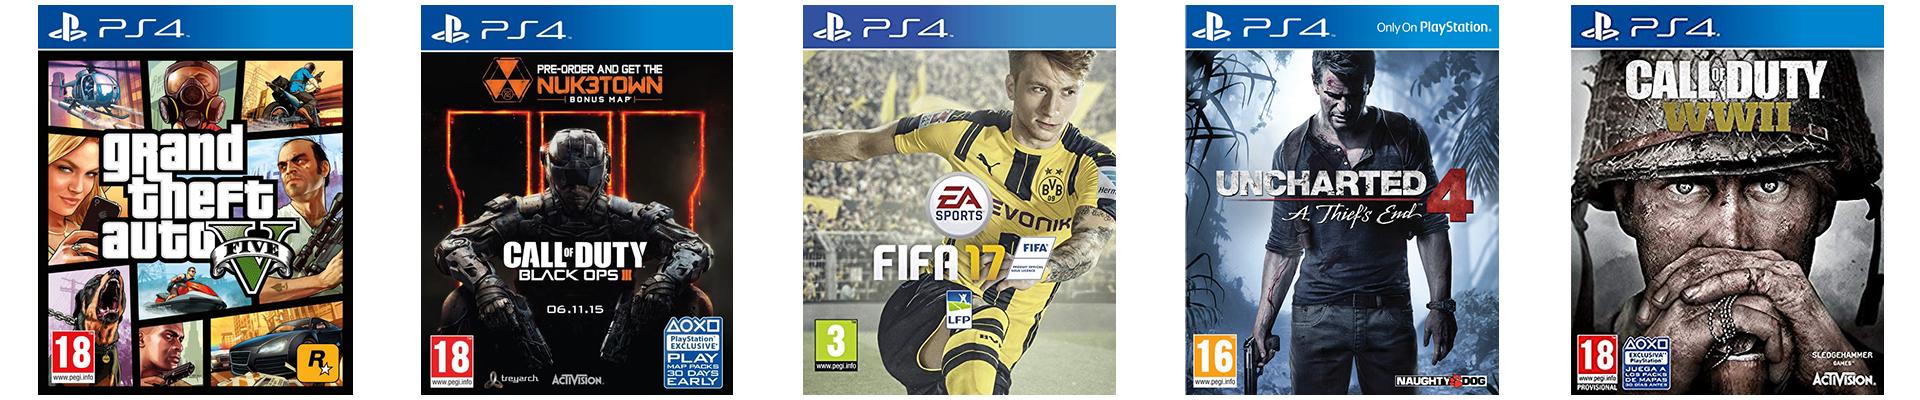 Les 5 Jeux les plus Vendus sur la PS4